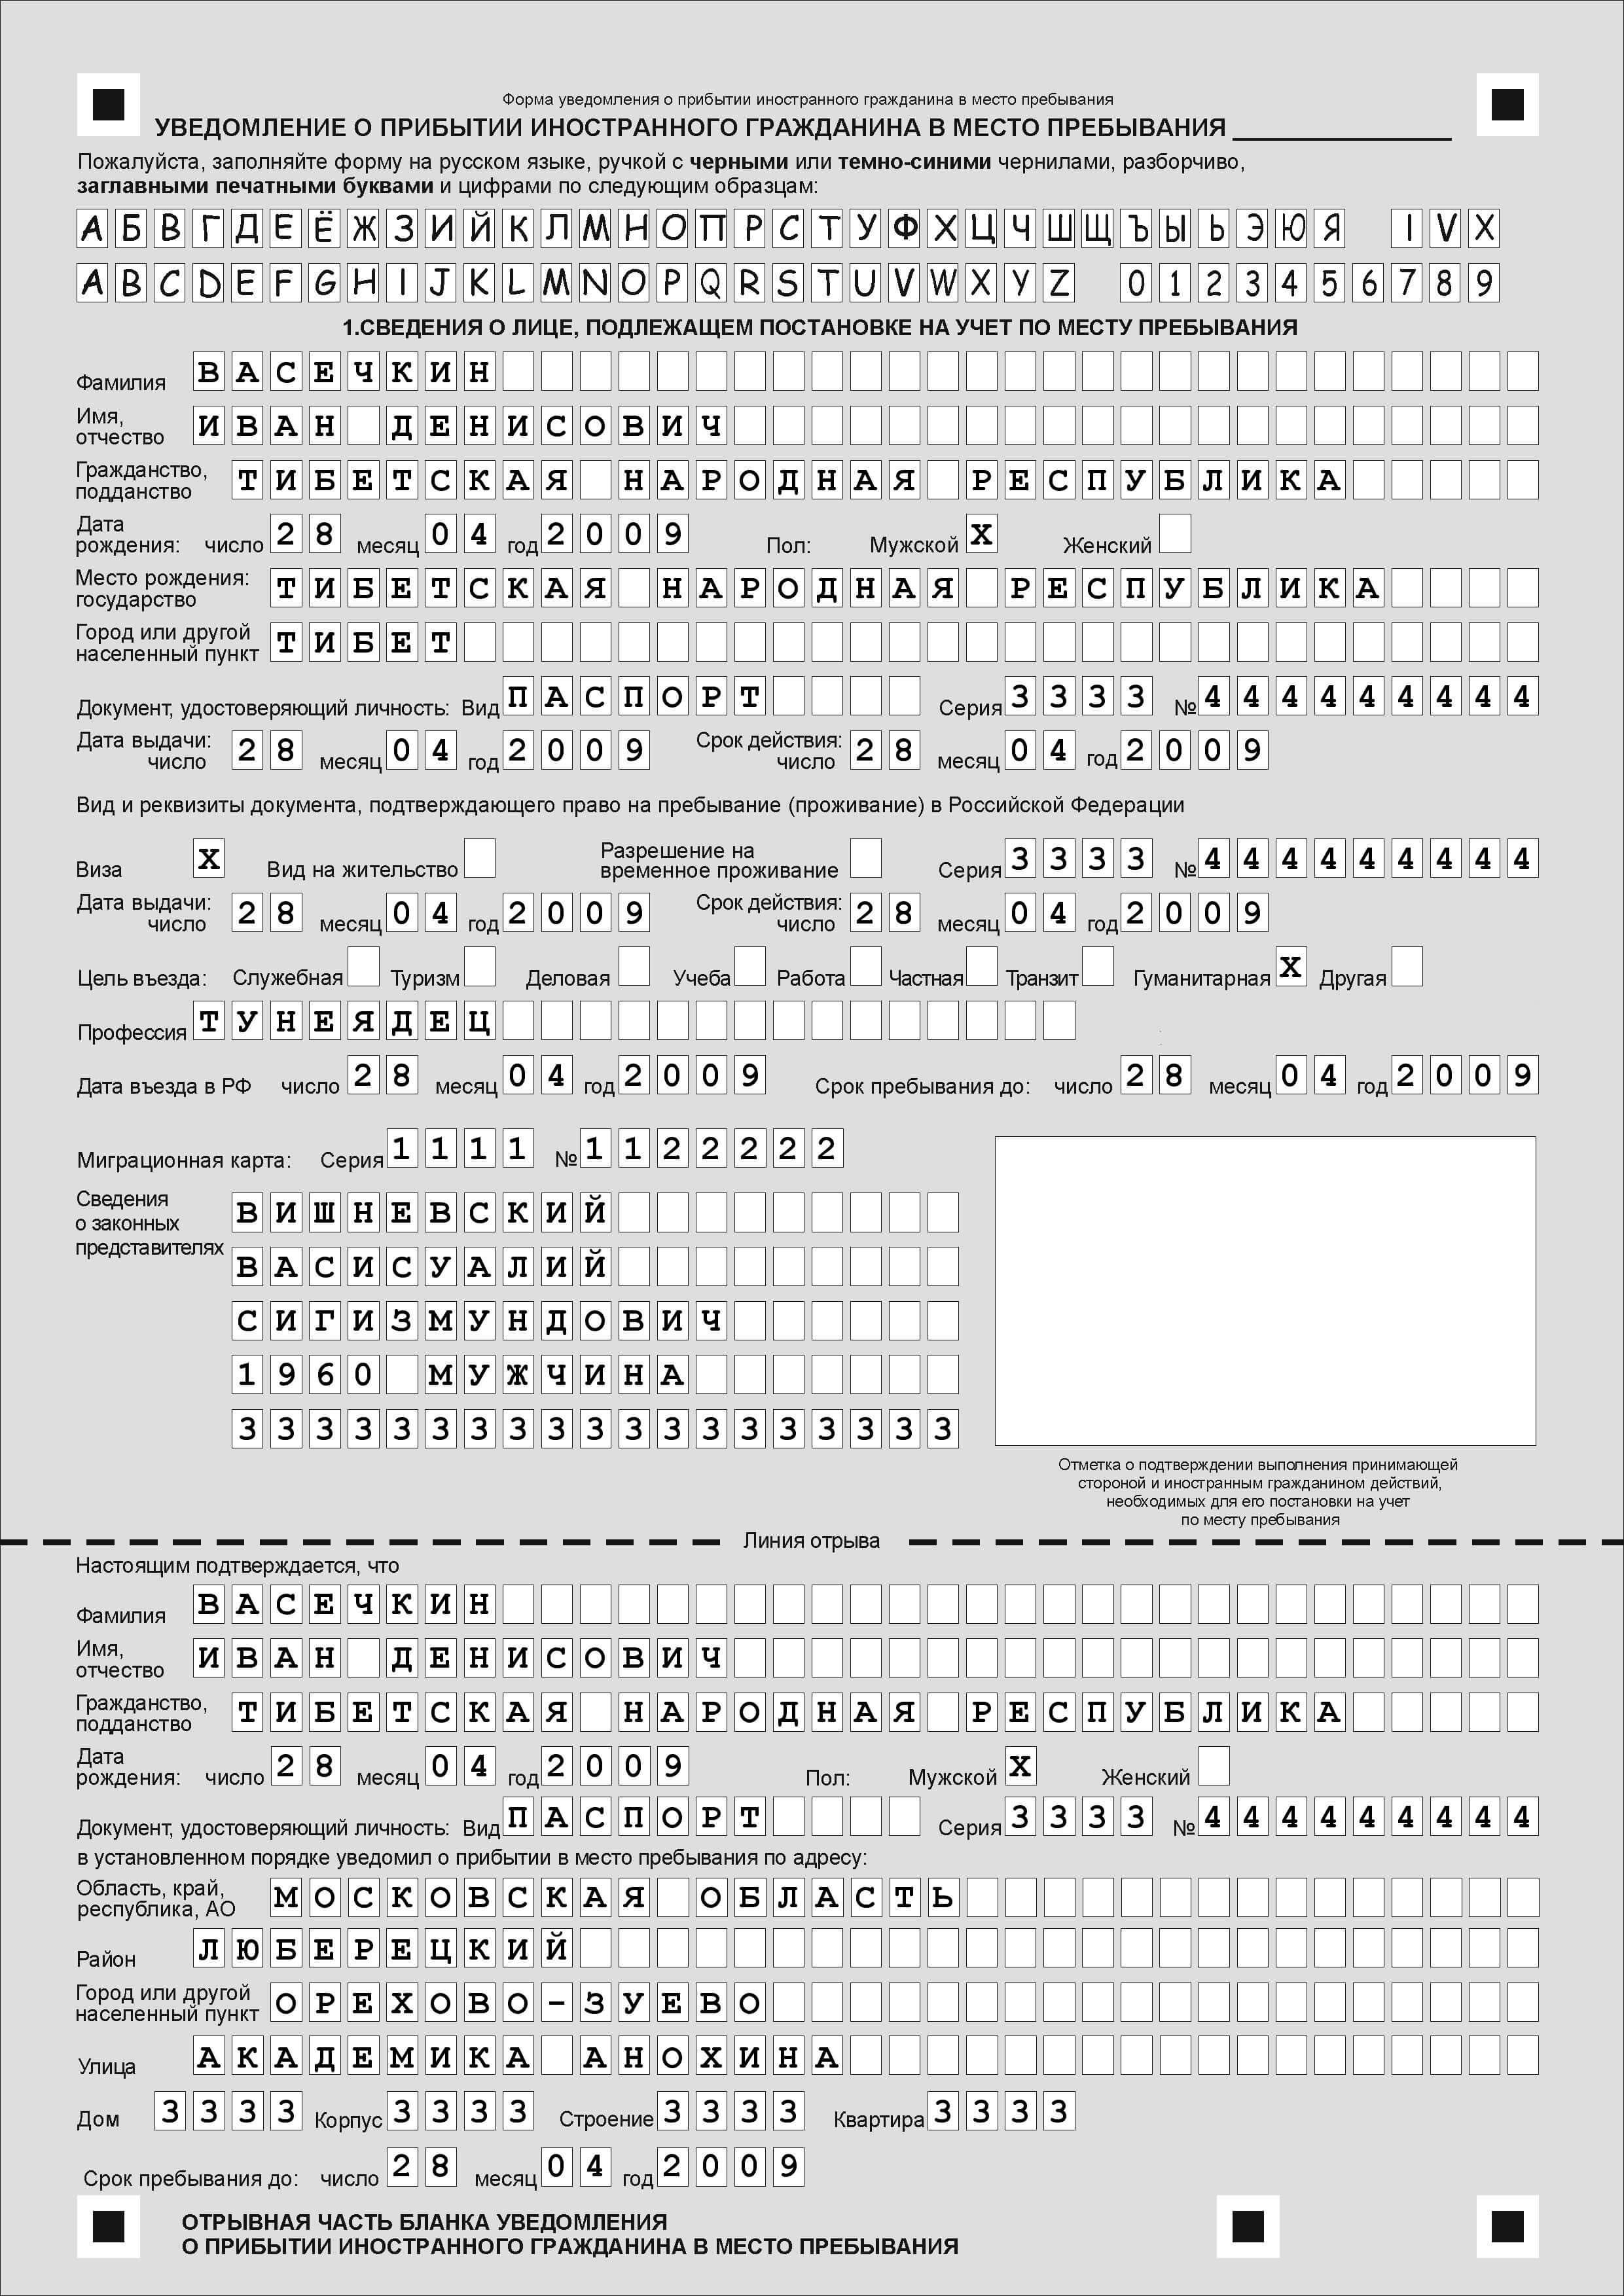 Временная Регистрация для Иностранных Граждан бланк